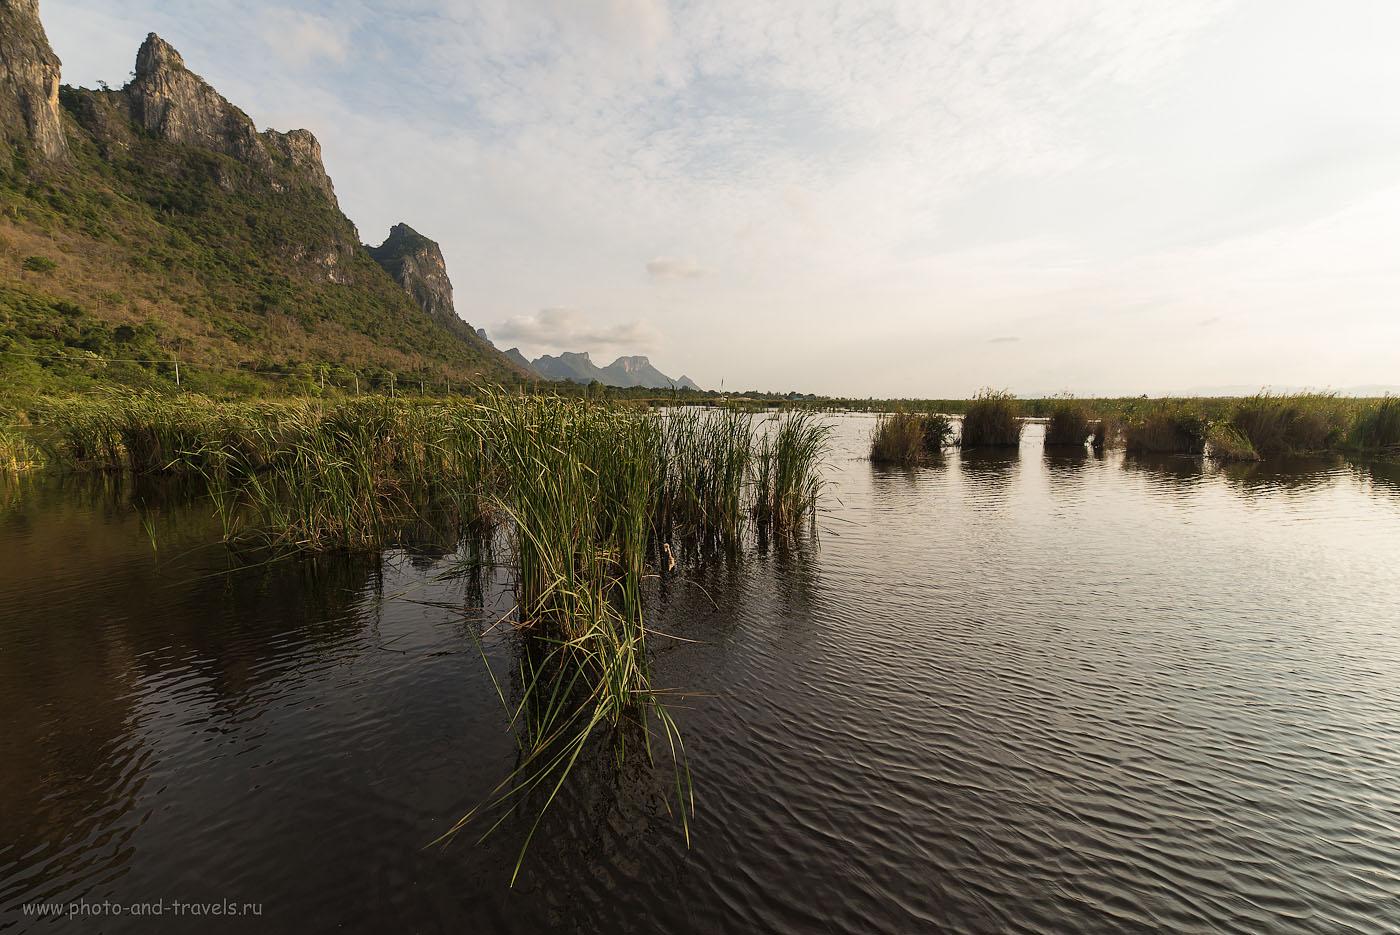 Фотография 12. Величественные пейзажи болота Thung Sam Roi Yot Swamp. Куда поехать в окрестностях Хуахина в Таиланде. (100, 14, F=8.0, 1/400, фотоаппарат Никон Д610, объектив Самъянг 14/2.8)